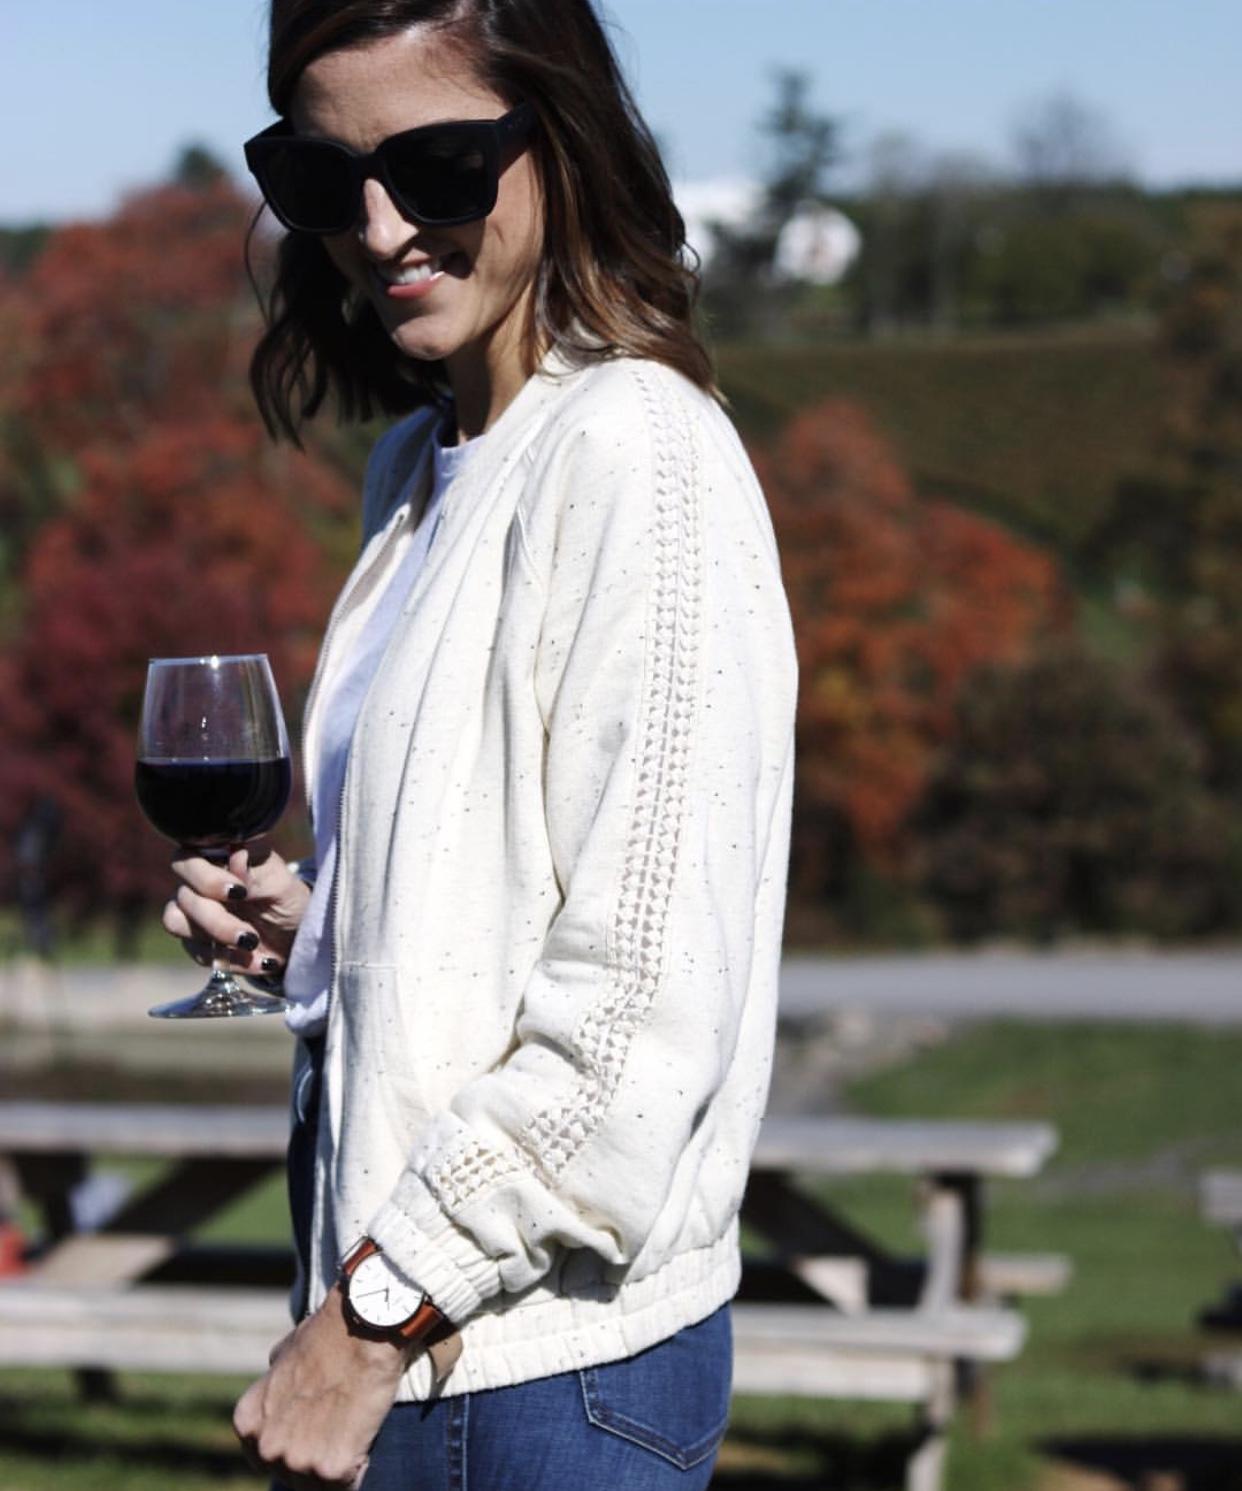 Lilla P Bomber Jacket - Instagram Fashion Lately by Washington DC fashion blogger Cobalt Chronicles